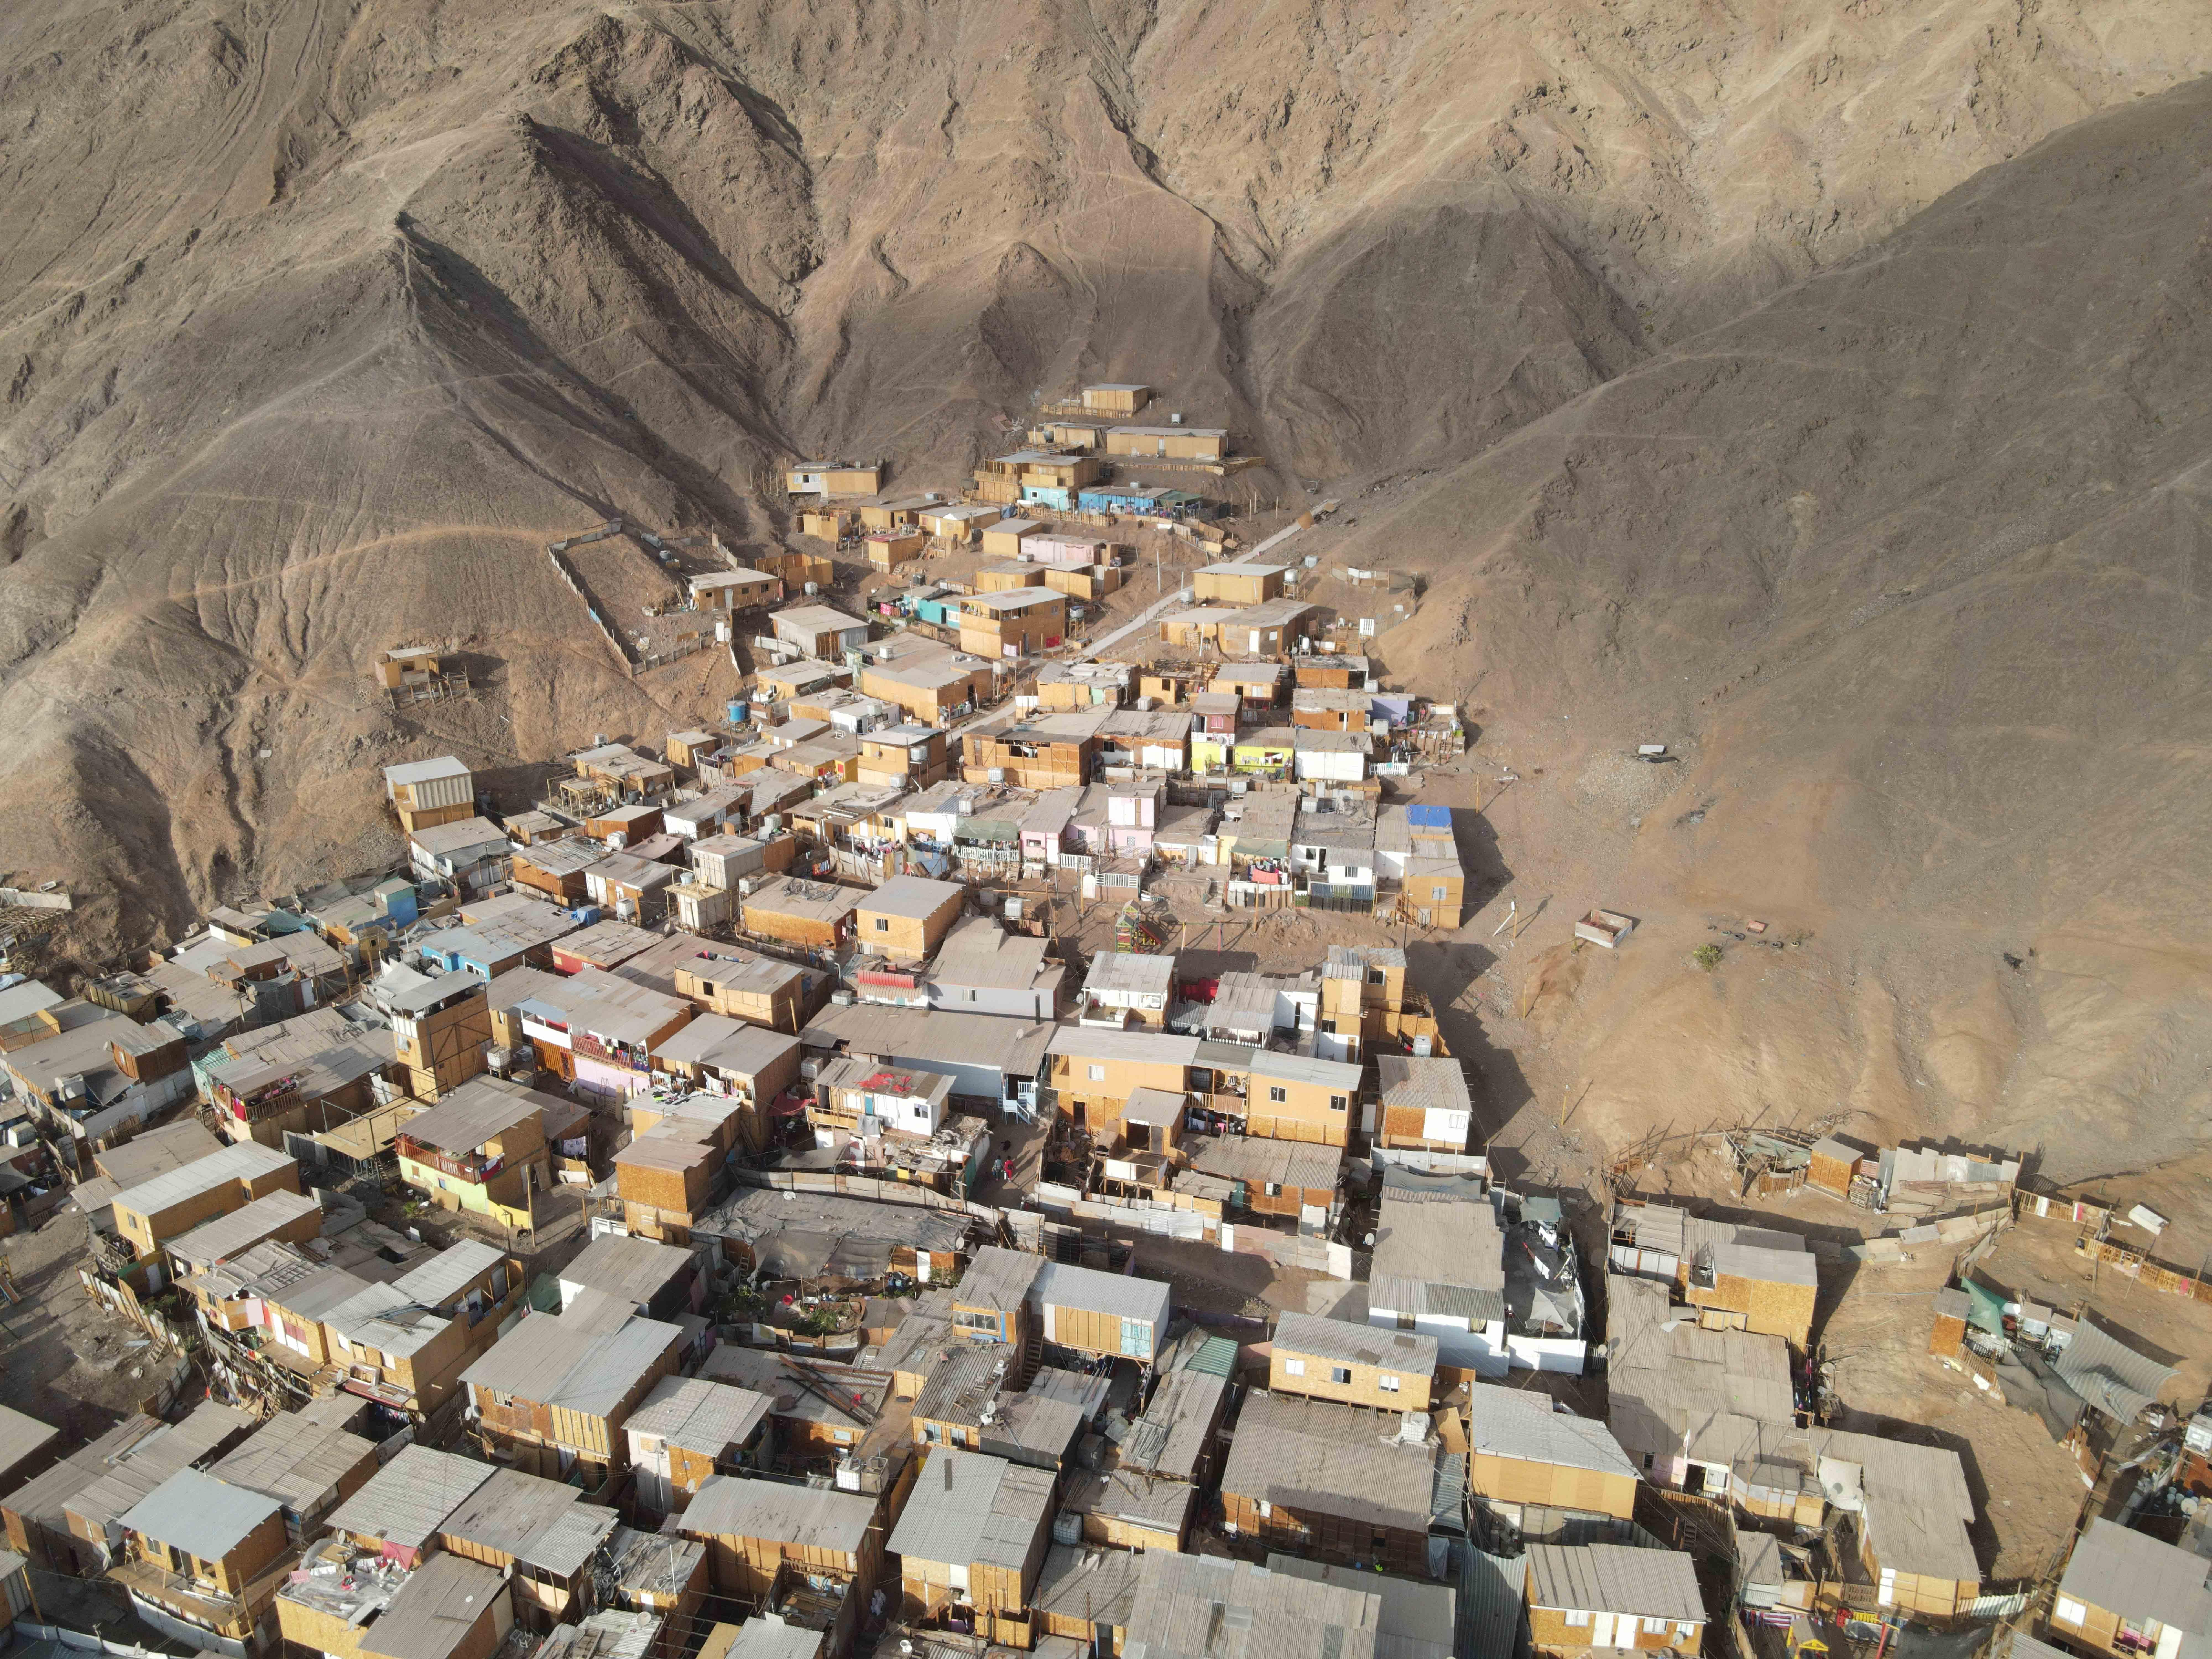 Imágenes aéreas detectan viviendas en vías aluvionales en Antofagasta